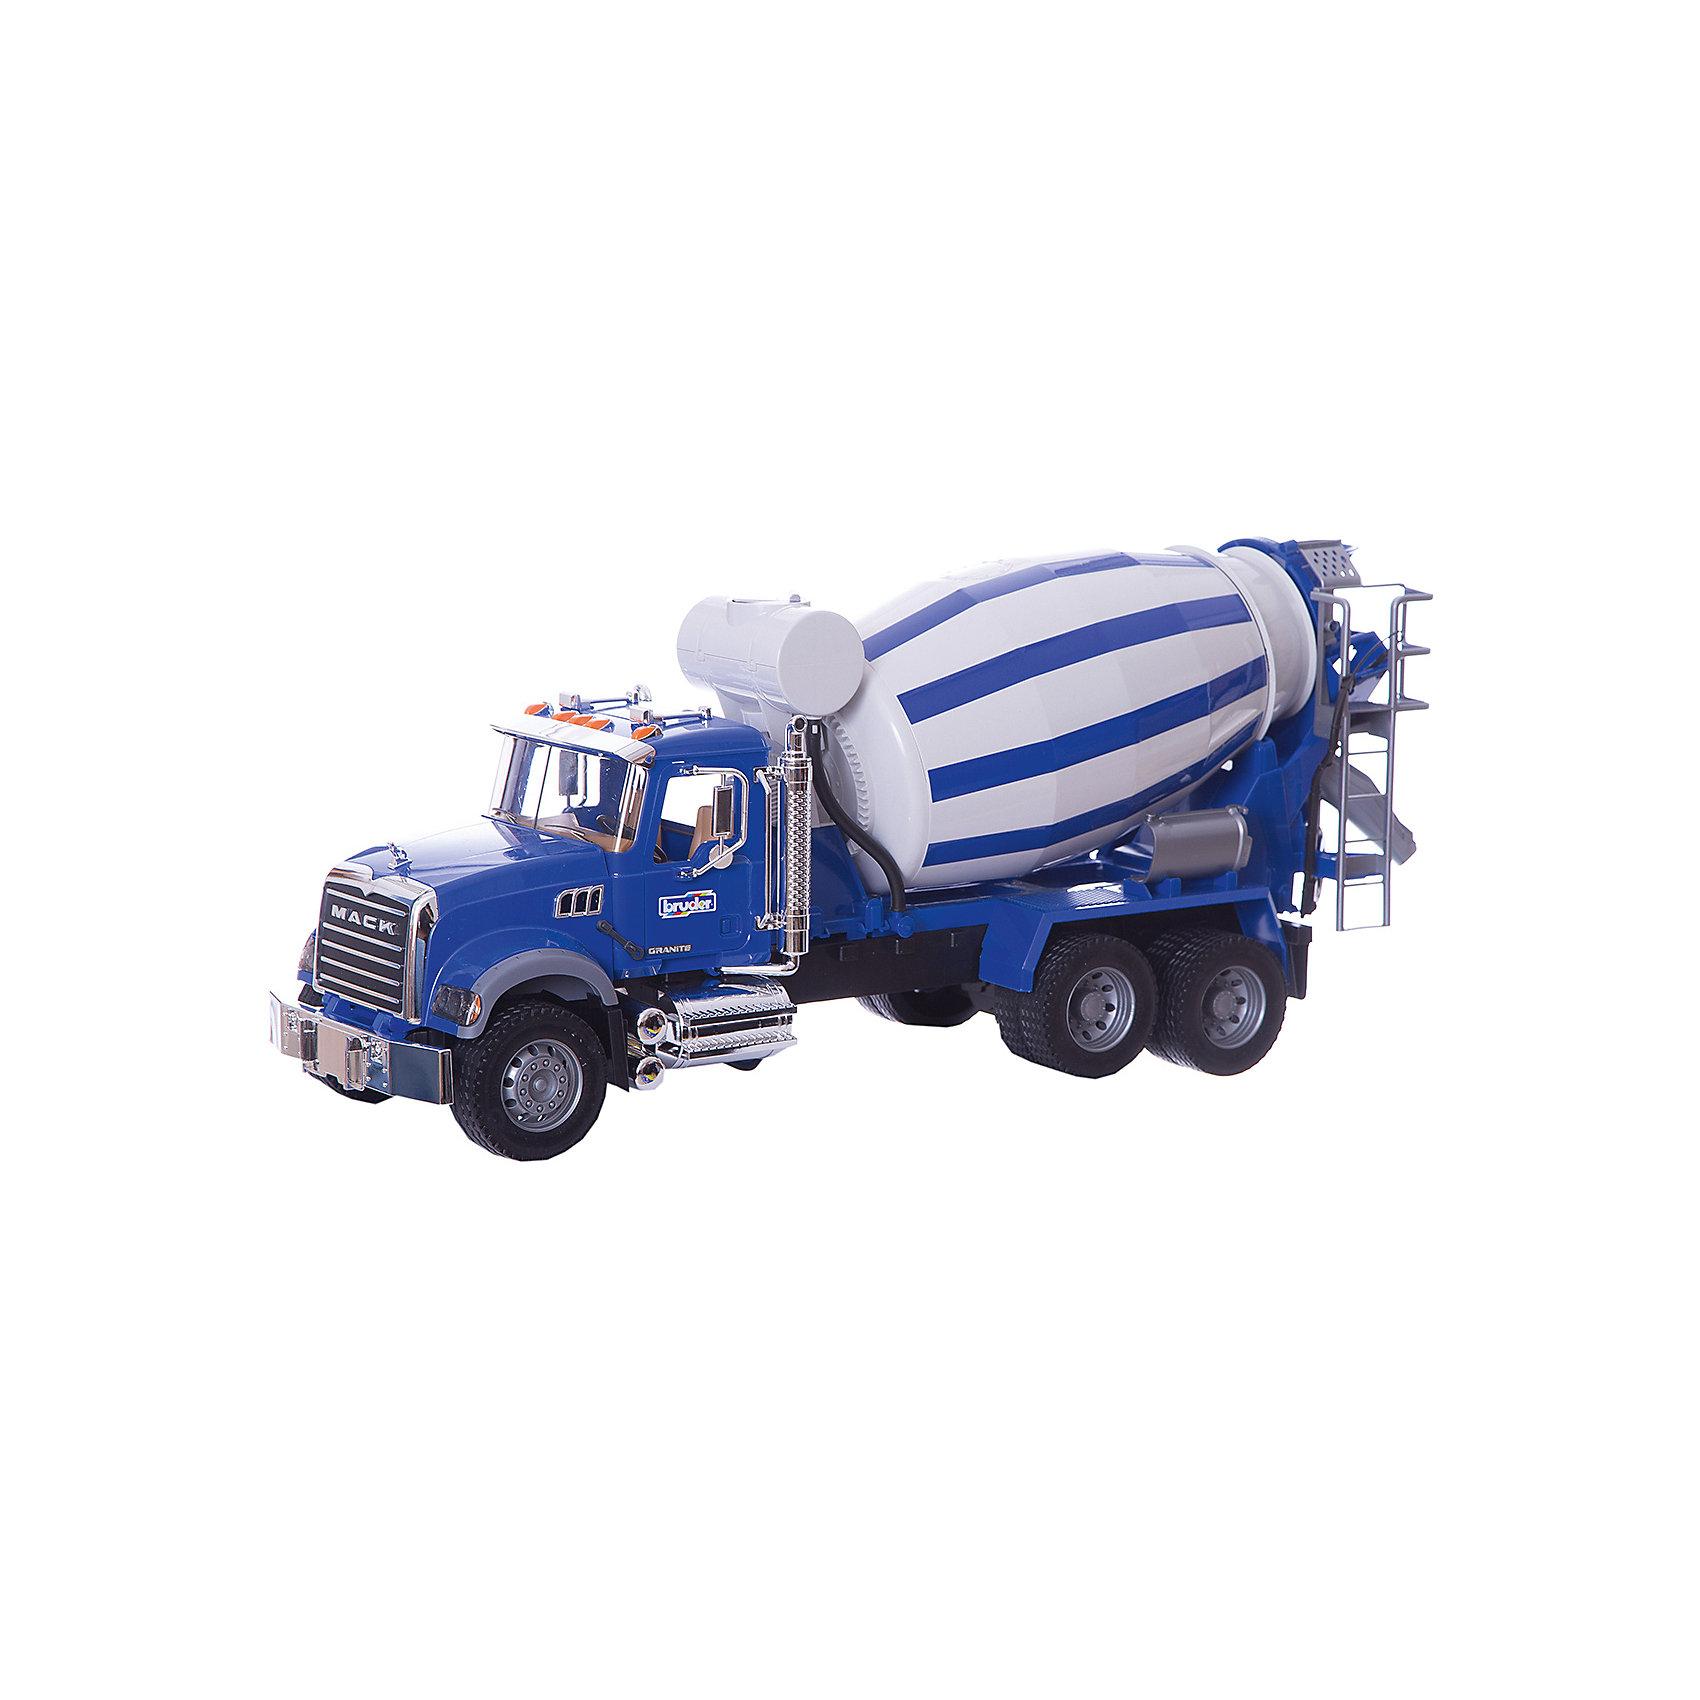 Бетономешалка MACK, BruderБольшой транспорт от 50 см<br>Очень реалистичная кабина водителя с открывающимися дверями, откидывающимся капотом, что позволяет увидеть двигатель, раскладными зеркалами, множеством деталей с эффектом хромирования - все это привлекает взгляд не только фанатов грузовиков. Барабан бетономешалки со спиралевидными лопастями можно поворачивать с помощью рычага, спрятанного в баке для воды (муляж). В зависимости от направления вращения можно загружать или опорожнять барабан. На кузове закреплены желоба для удлинения разгрузочного желоба бетономешалки.<br><br><br><br>Описание:<br>+ открывающийся капот, что позволяет увидеть двигатель<br>+ складные боковые зеркала<br>+ переднее и заднее стекло<br>+ открывающиеся двери<br>+ бампер, вентиляционная решетка, фигурка на радиаторе, зеркало заднего вида, выхлопные трубы, фары на крыше, другие детали с эффектом хромового покрытия<br>+ смесительный барабан поворачивается с помощью рычага (барабан со спиралевидными лопастями)<br>+ выдвижной рычаг, скрытый в баке для воды<br>+ 2 съемных разгрузочных желоба <br>+ профильные шины<br>+ сочетается с аксессуарами категории M<br>+ произведен из высококачественных пластиков, например, АБС<br>+ масштаб 1:16<br>+ размеры: длина 67см x ширина 19см x высота 28см<br>+ цвет сине-серый<br><br>Ширина мм: 665<br>Глубина мм: 275<br>Высота мм: 185<br>Вес г: 3200<br>Возраст от месяцев: 36<br>Возраст до месяцев: 84<br>Пол: Мужской<br>Возраст: Детский<br>SKU: 1600542